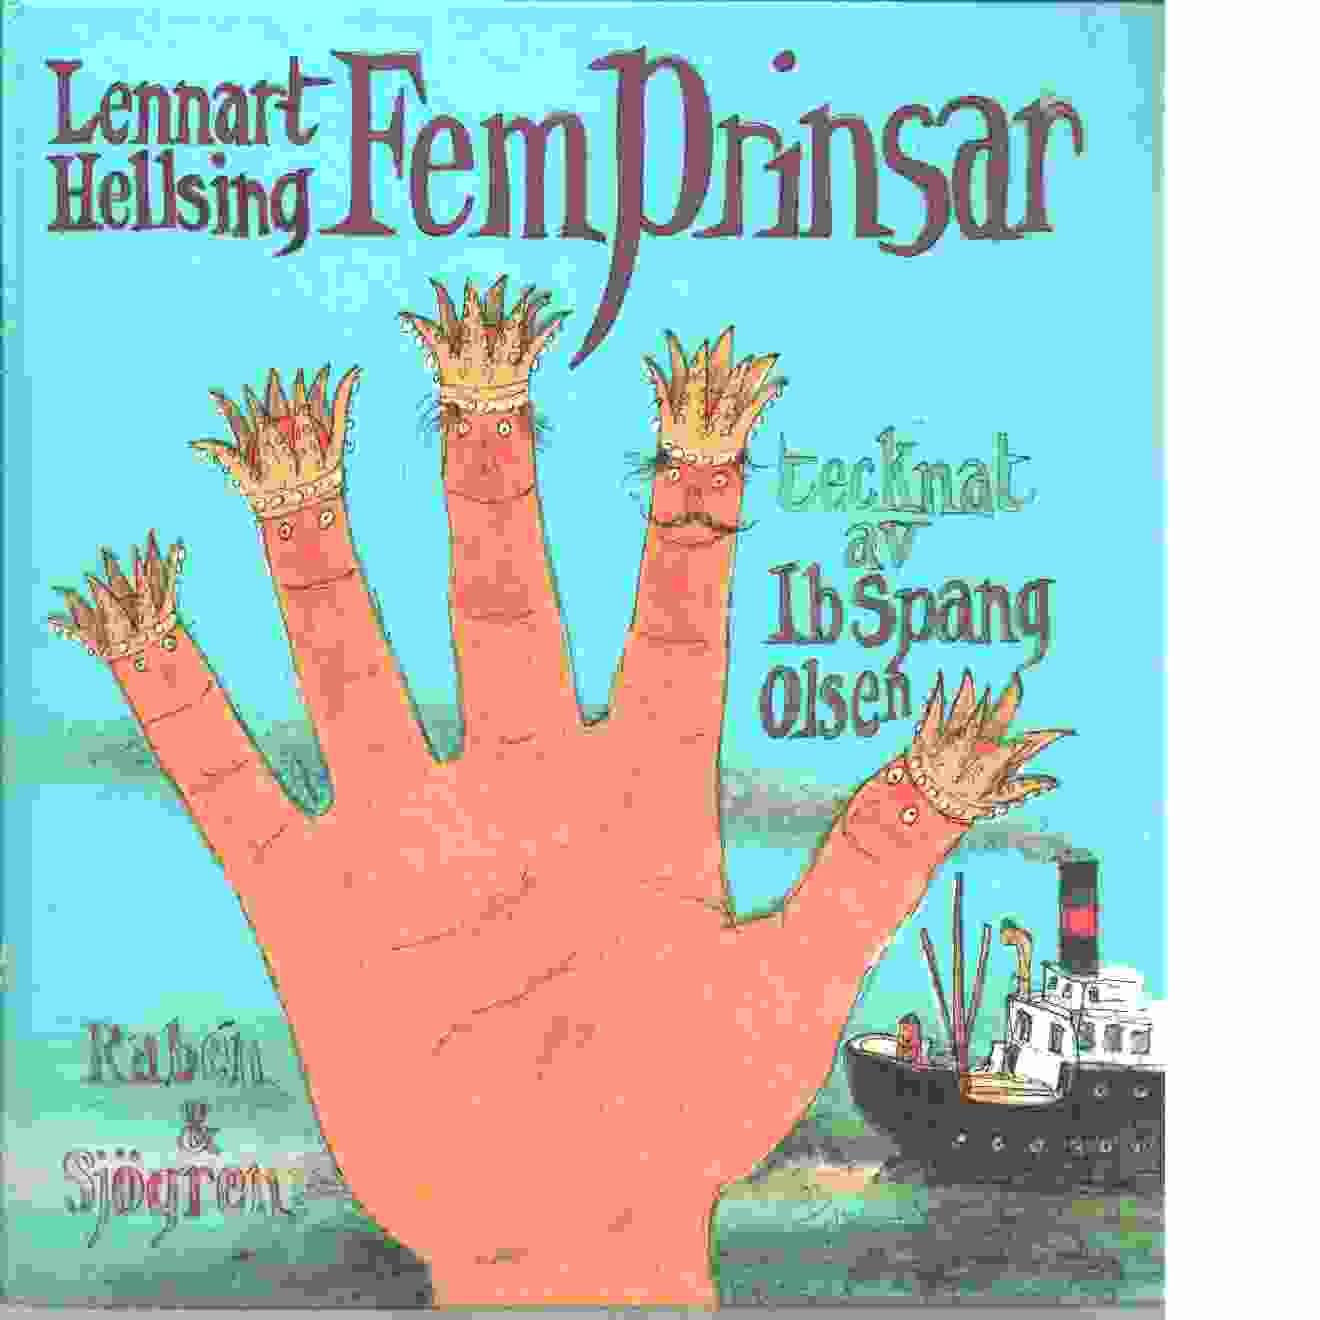 Fem prinsar - Hellsing, Lennart